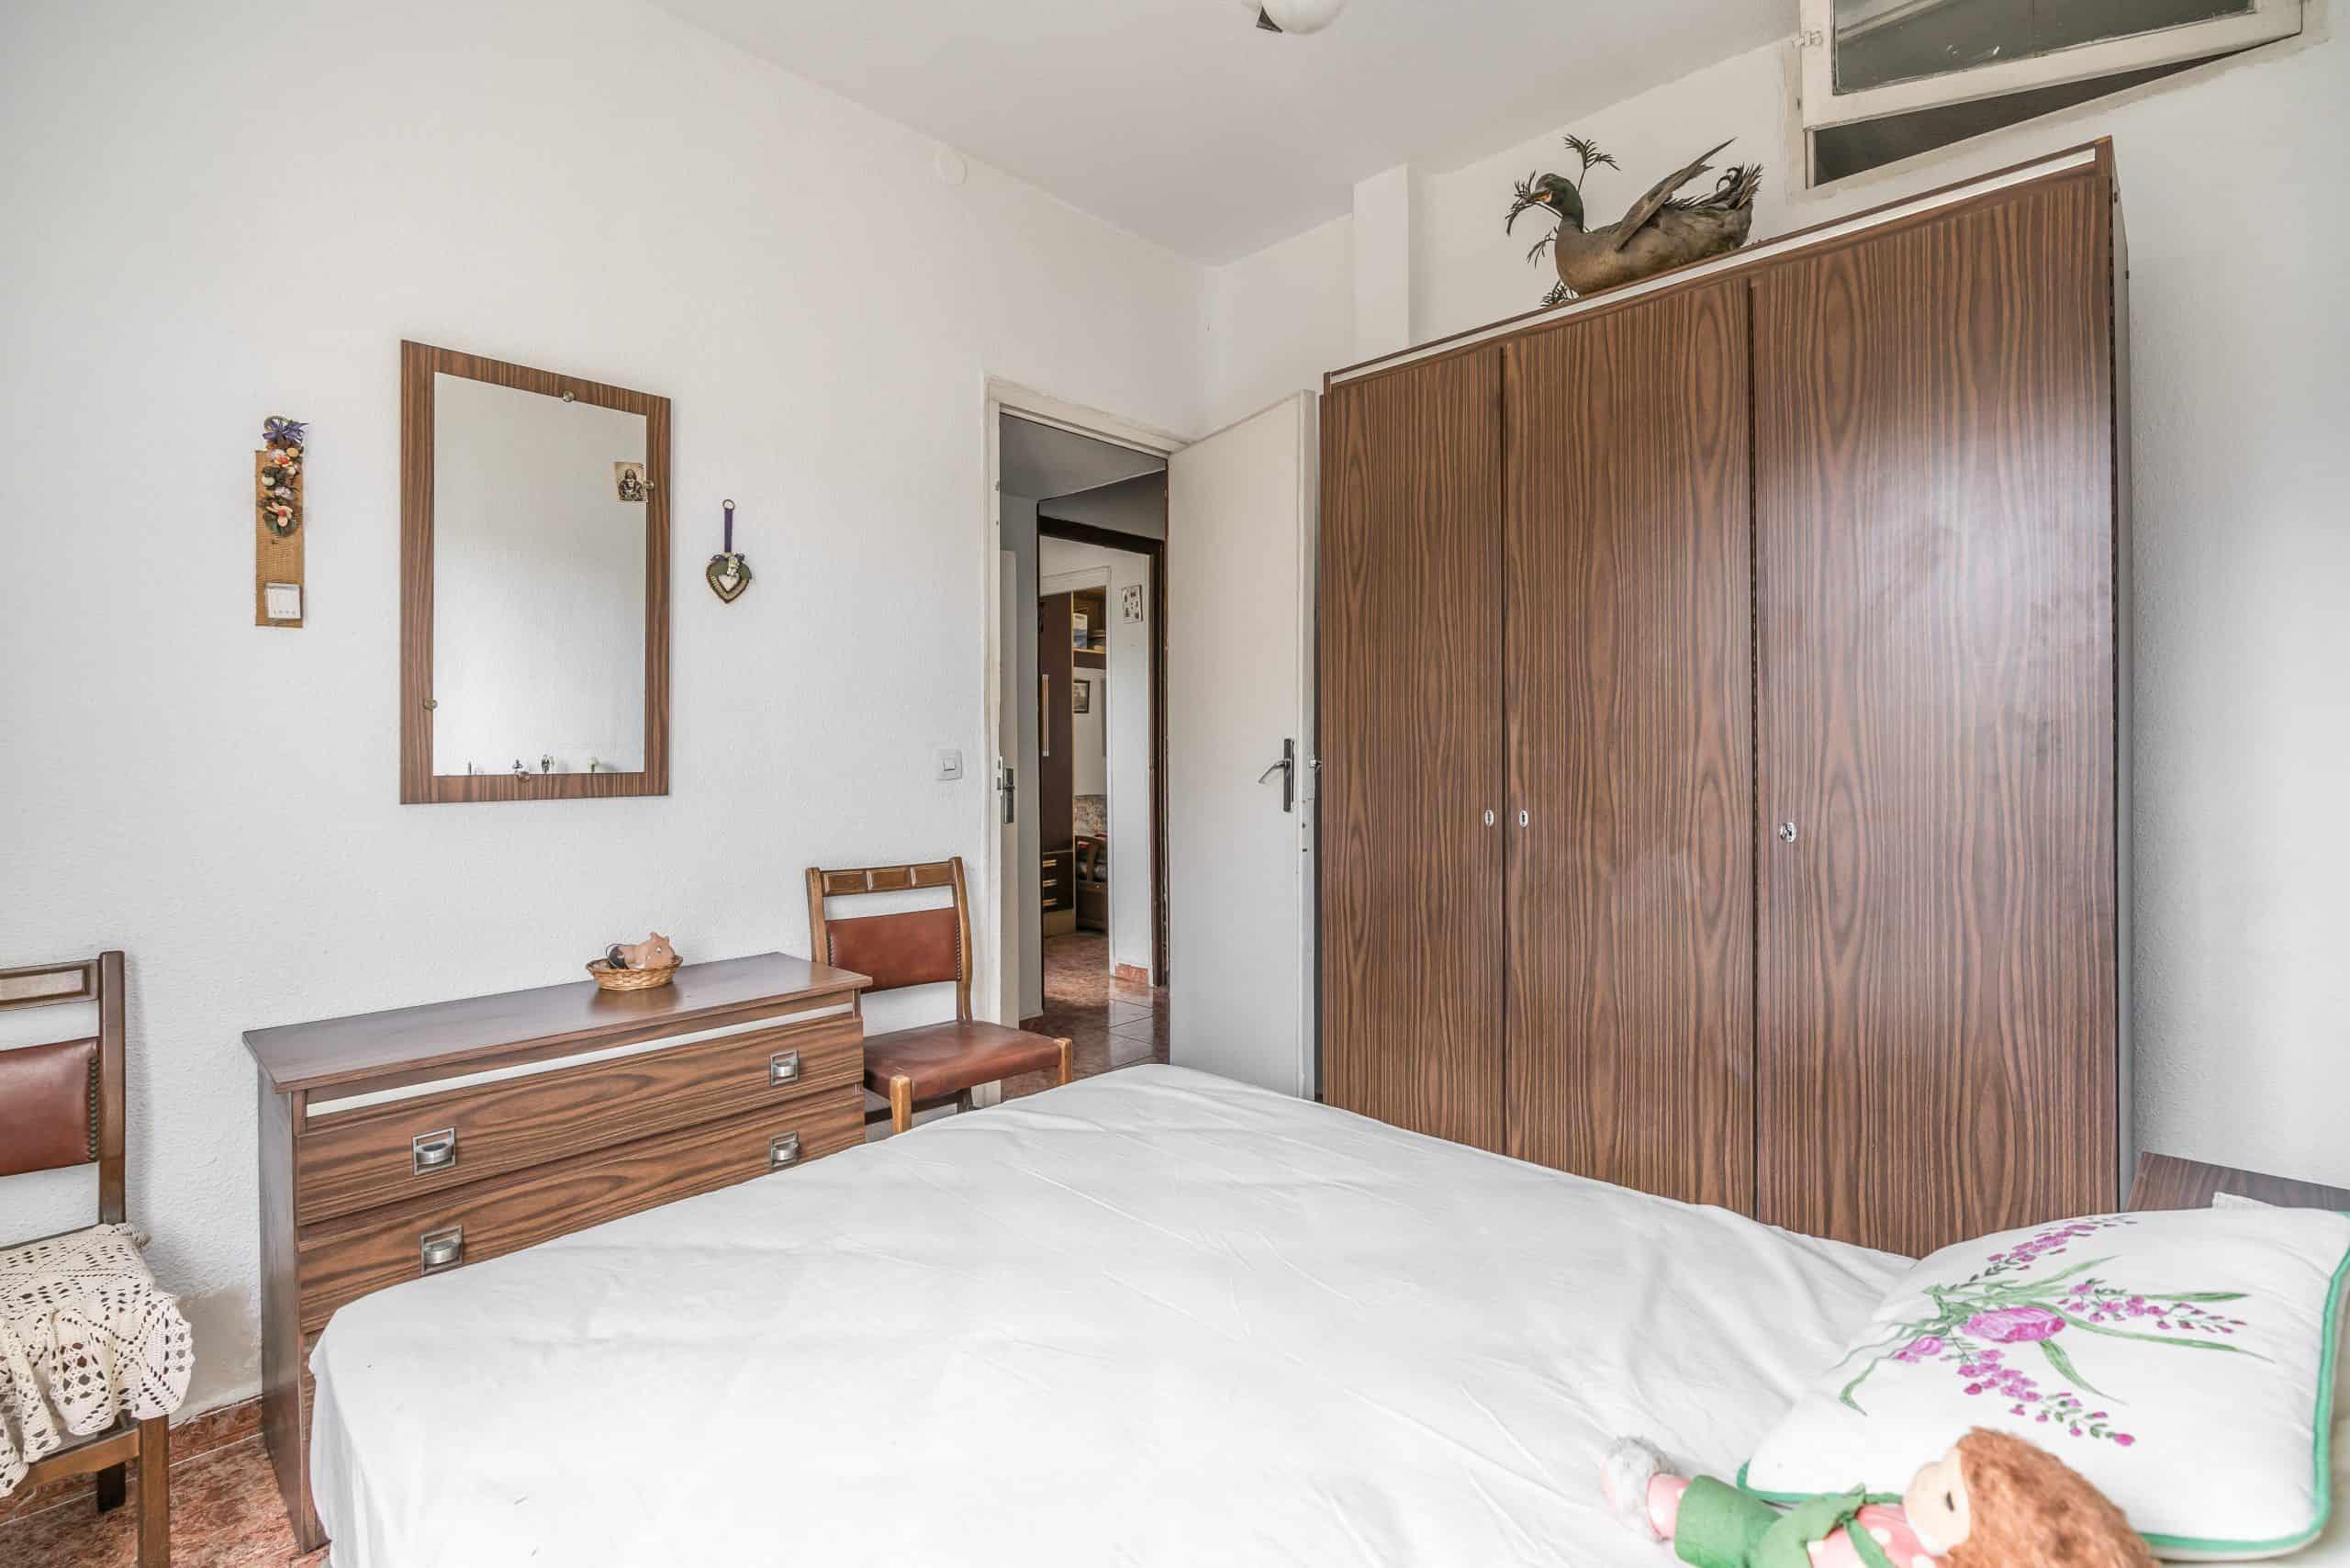 Agencia Inmobiliaria de Madrid-FUTUROCASA-Zona ARGANZUELA-EMBAJADORES-LEGAZPI -calle DOMINGO PEREZ DEL VAL -2 DORMITORIO1 (7)